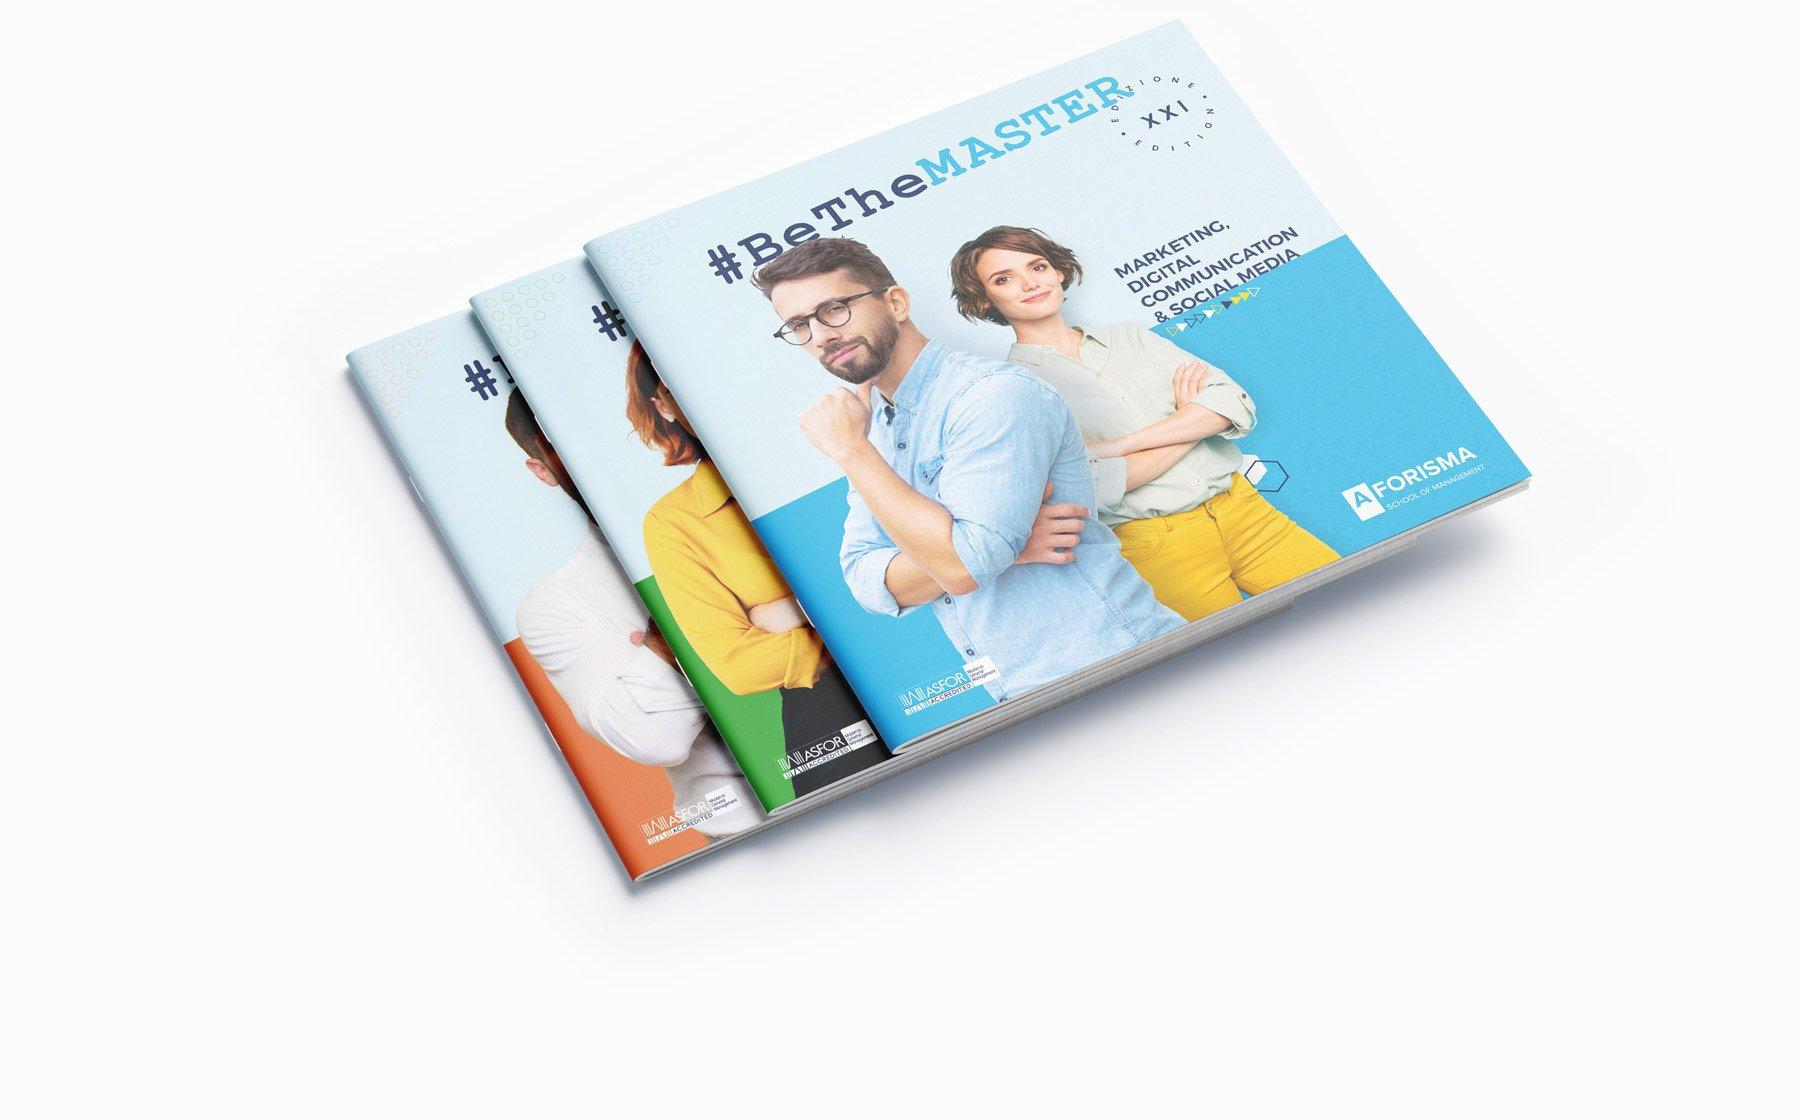 BriefMe_AFORISMA_img_brochure_tris_postlau03